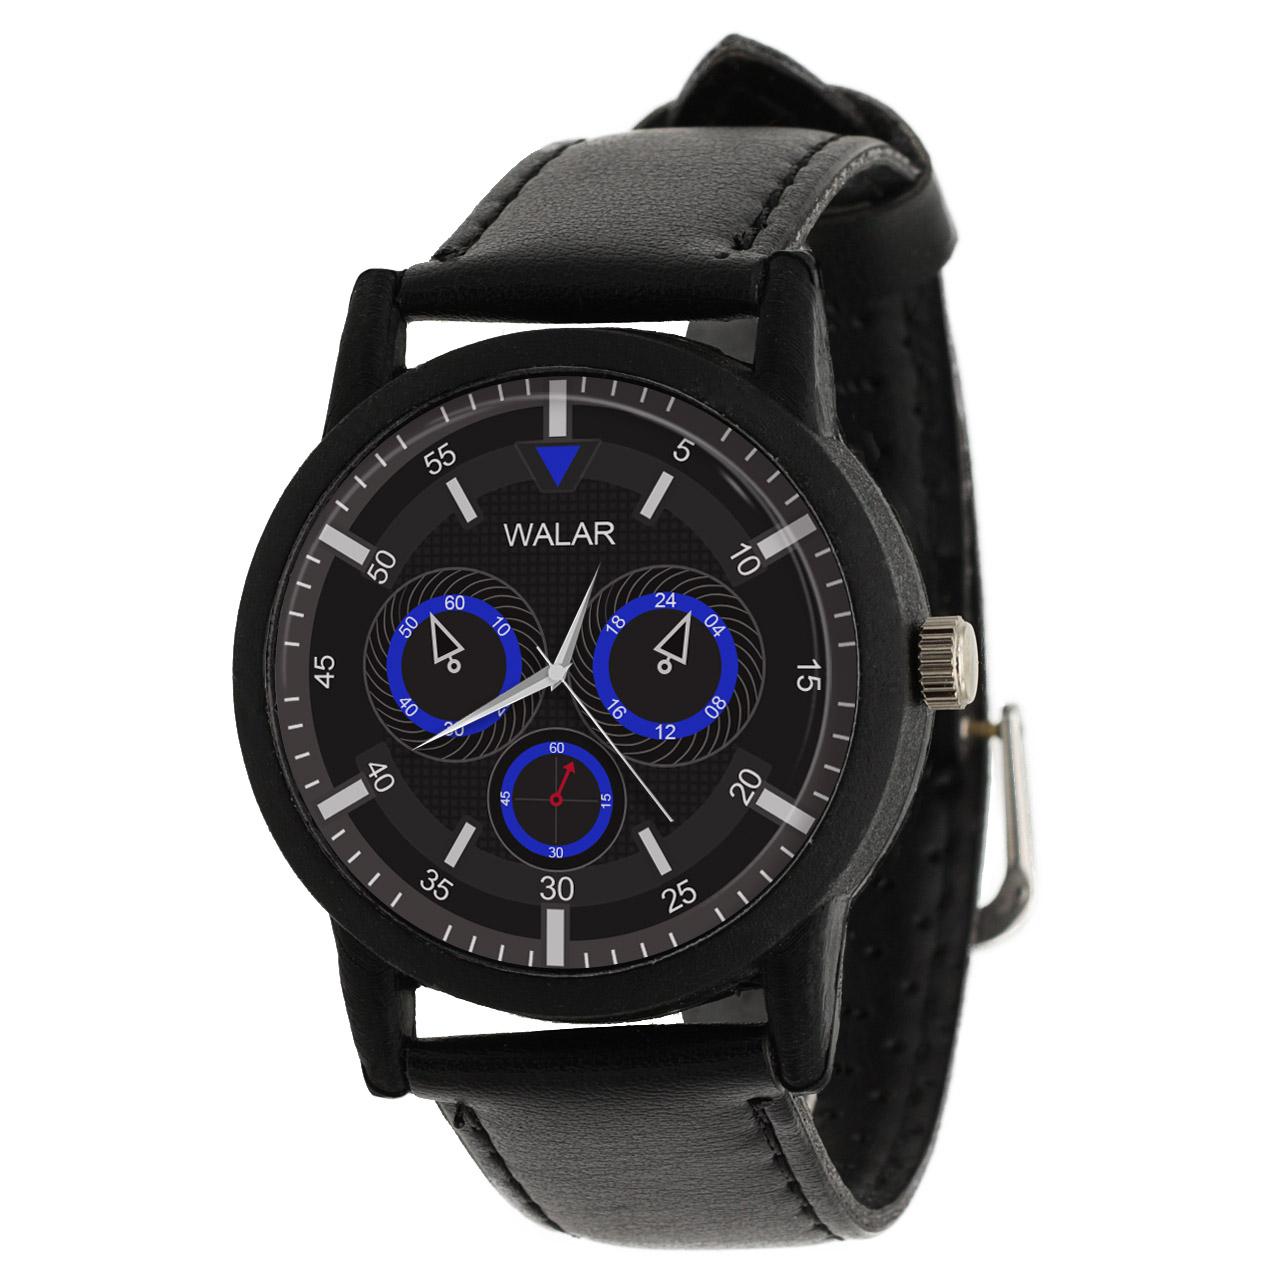 ساعت مچی عقربه ای والار کد LF2869              خرید (⭐️⭐️⭐️)